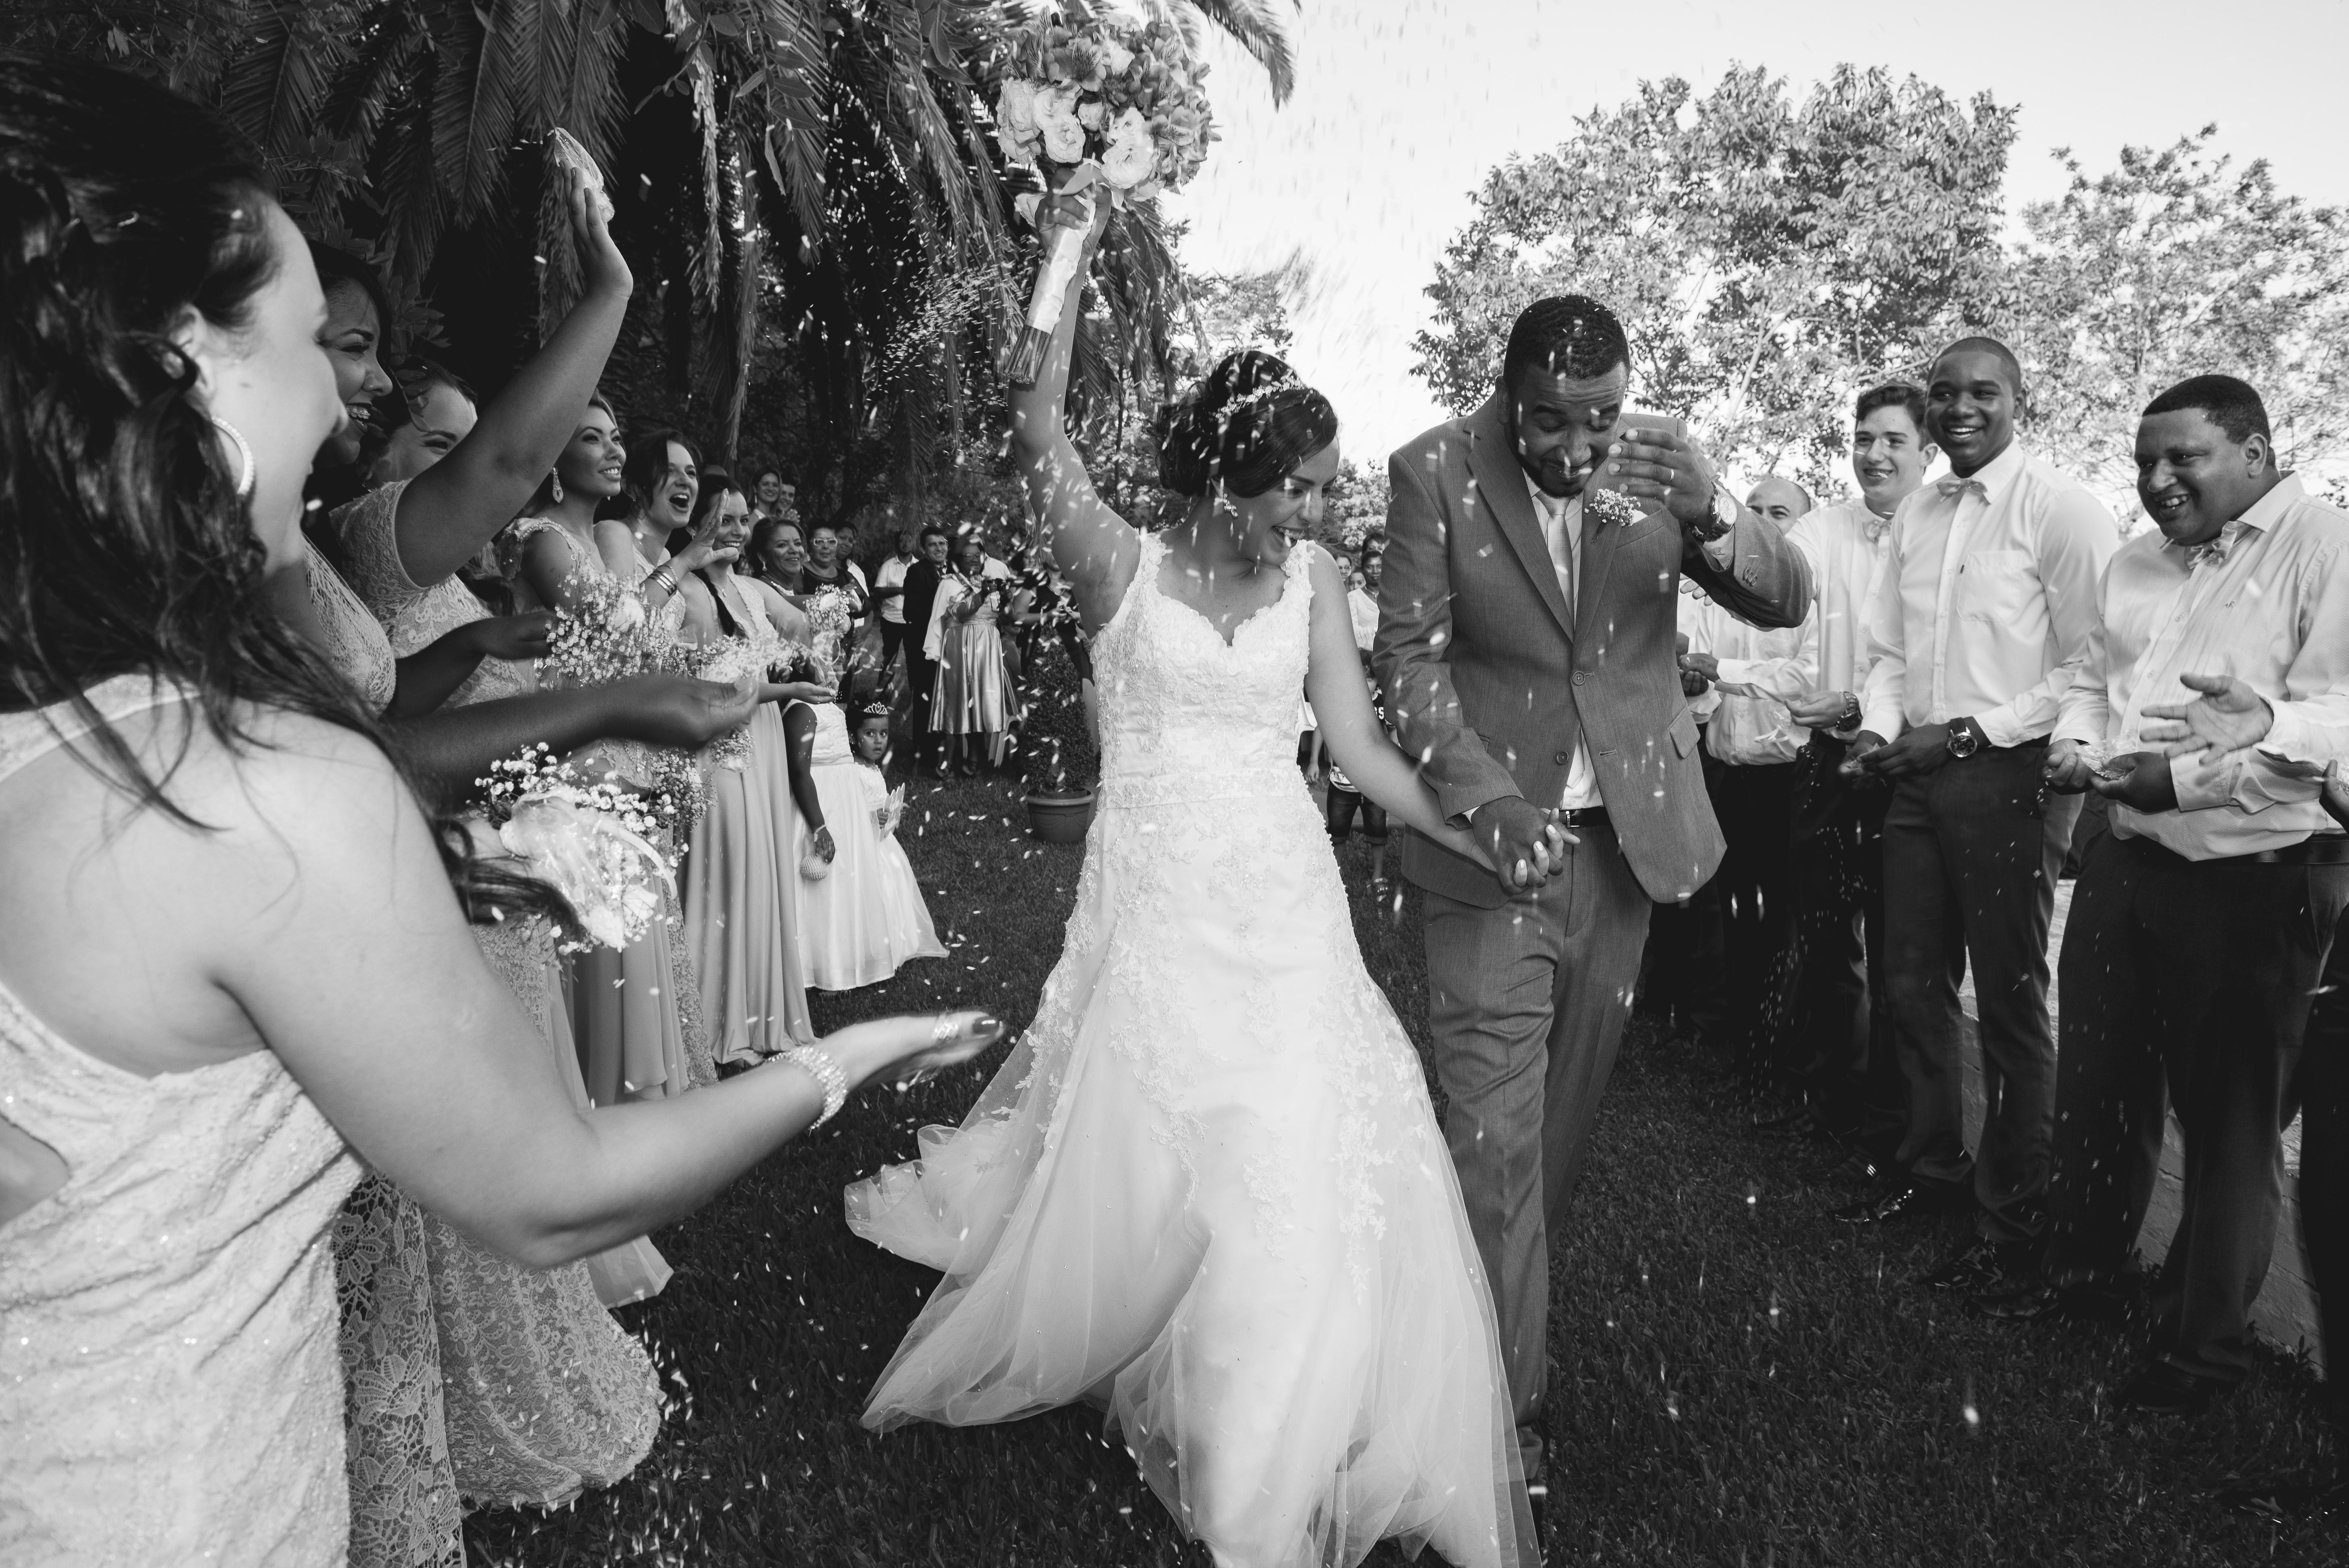 Contate Marco Moscarelli Fotografo. Fotografo de casamentos, recepções, fortmaturas e 15 anos em Pelotas, Rio Grande e demais regiões do Brasil.